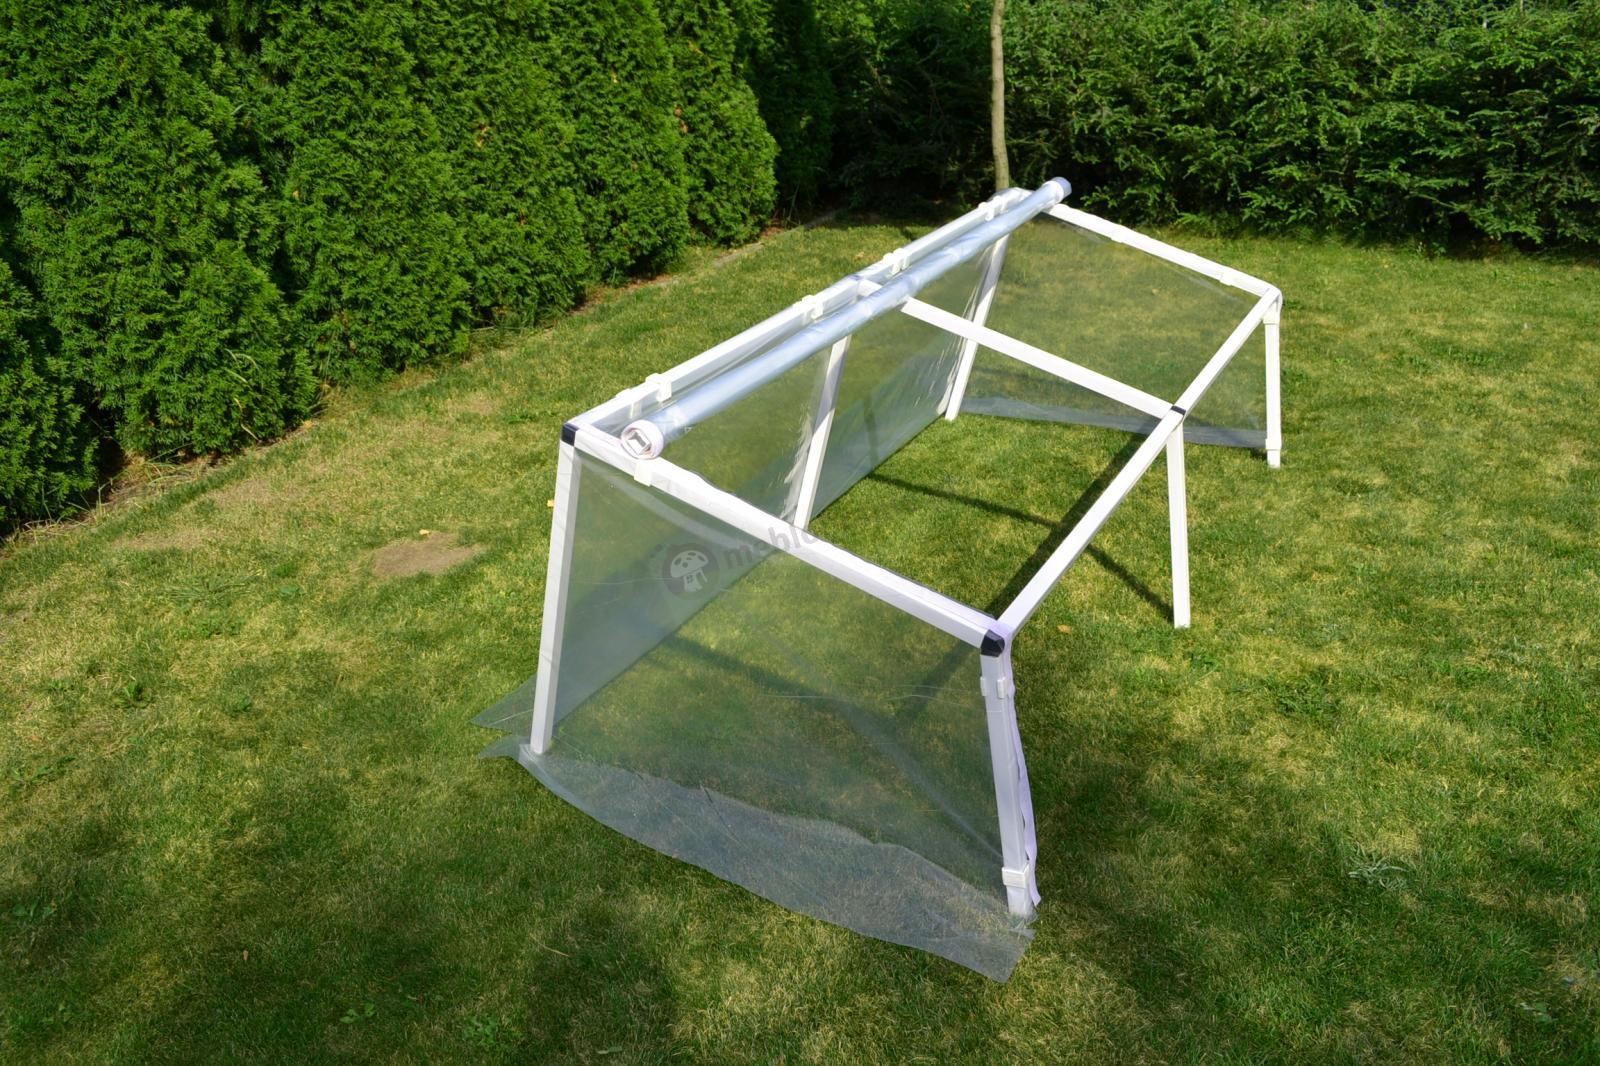 Zielnik – inspekt foliowy 1x1 m - stabilna konstrukcja